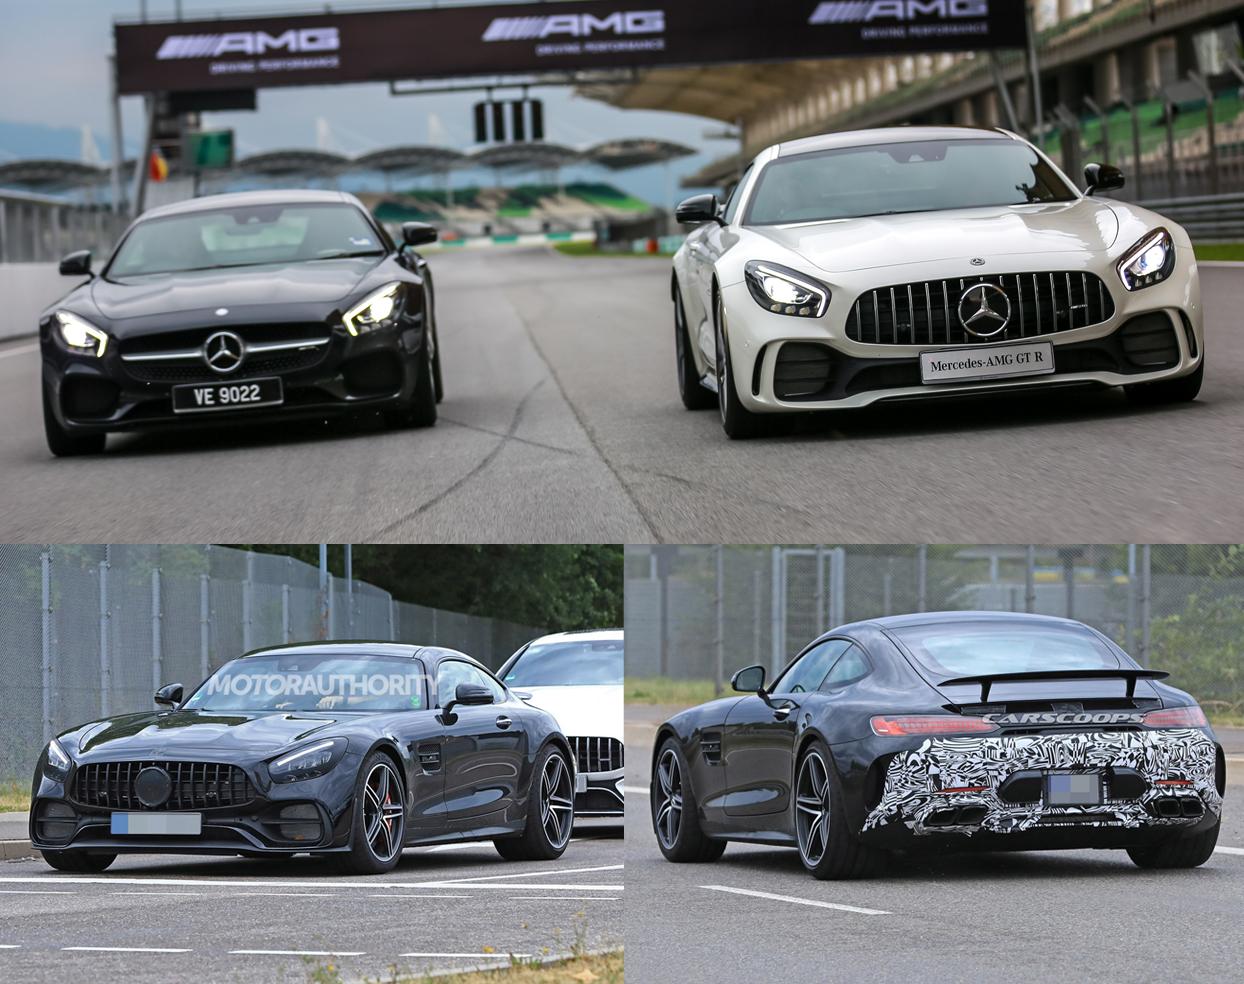 برترین خودروهایی که در سال ۲۰۱۹ معرفی میشوند